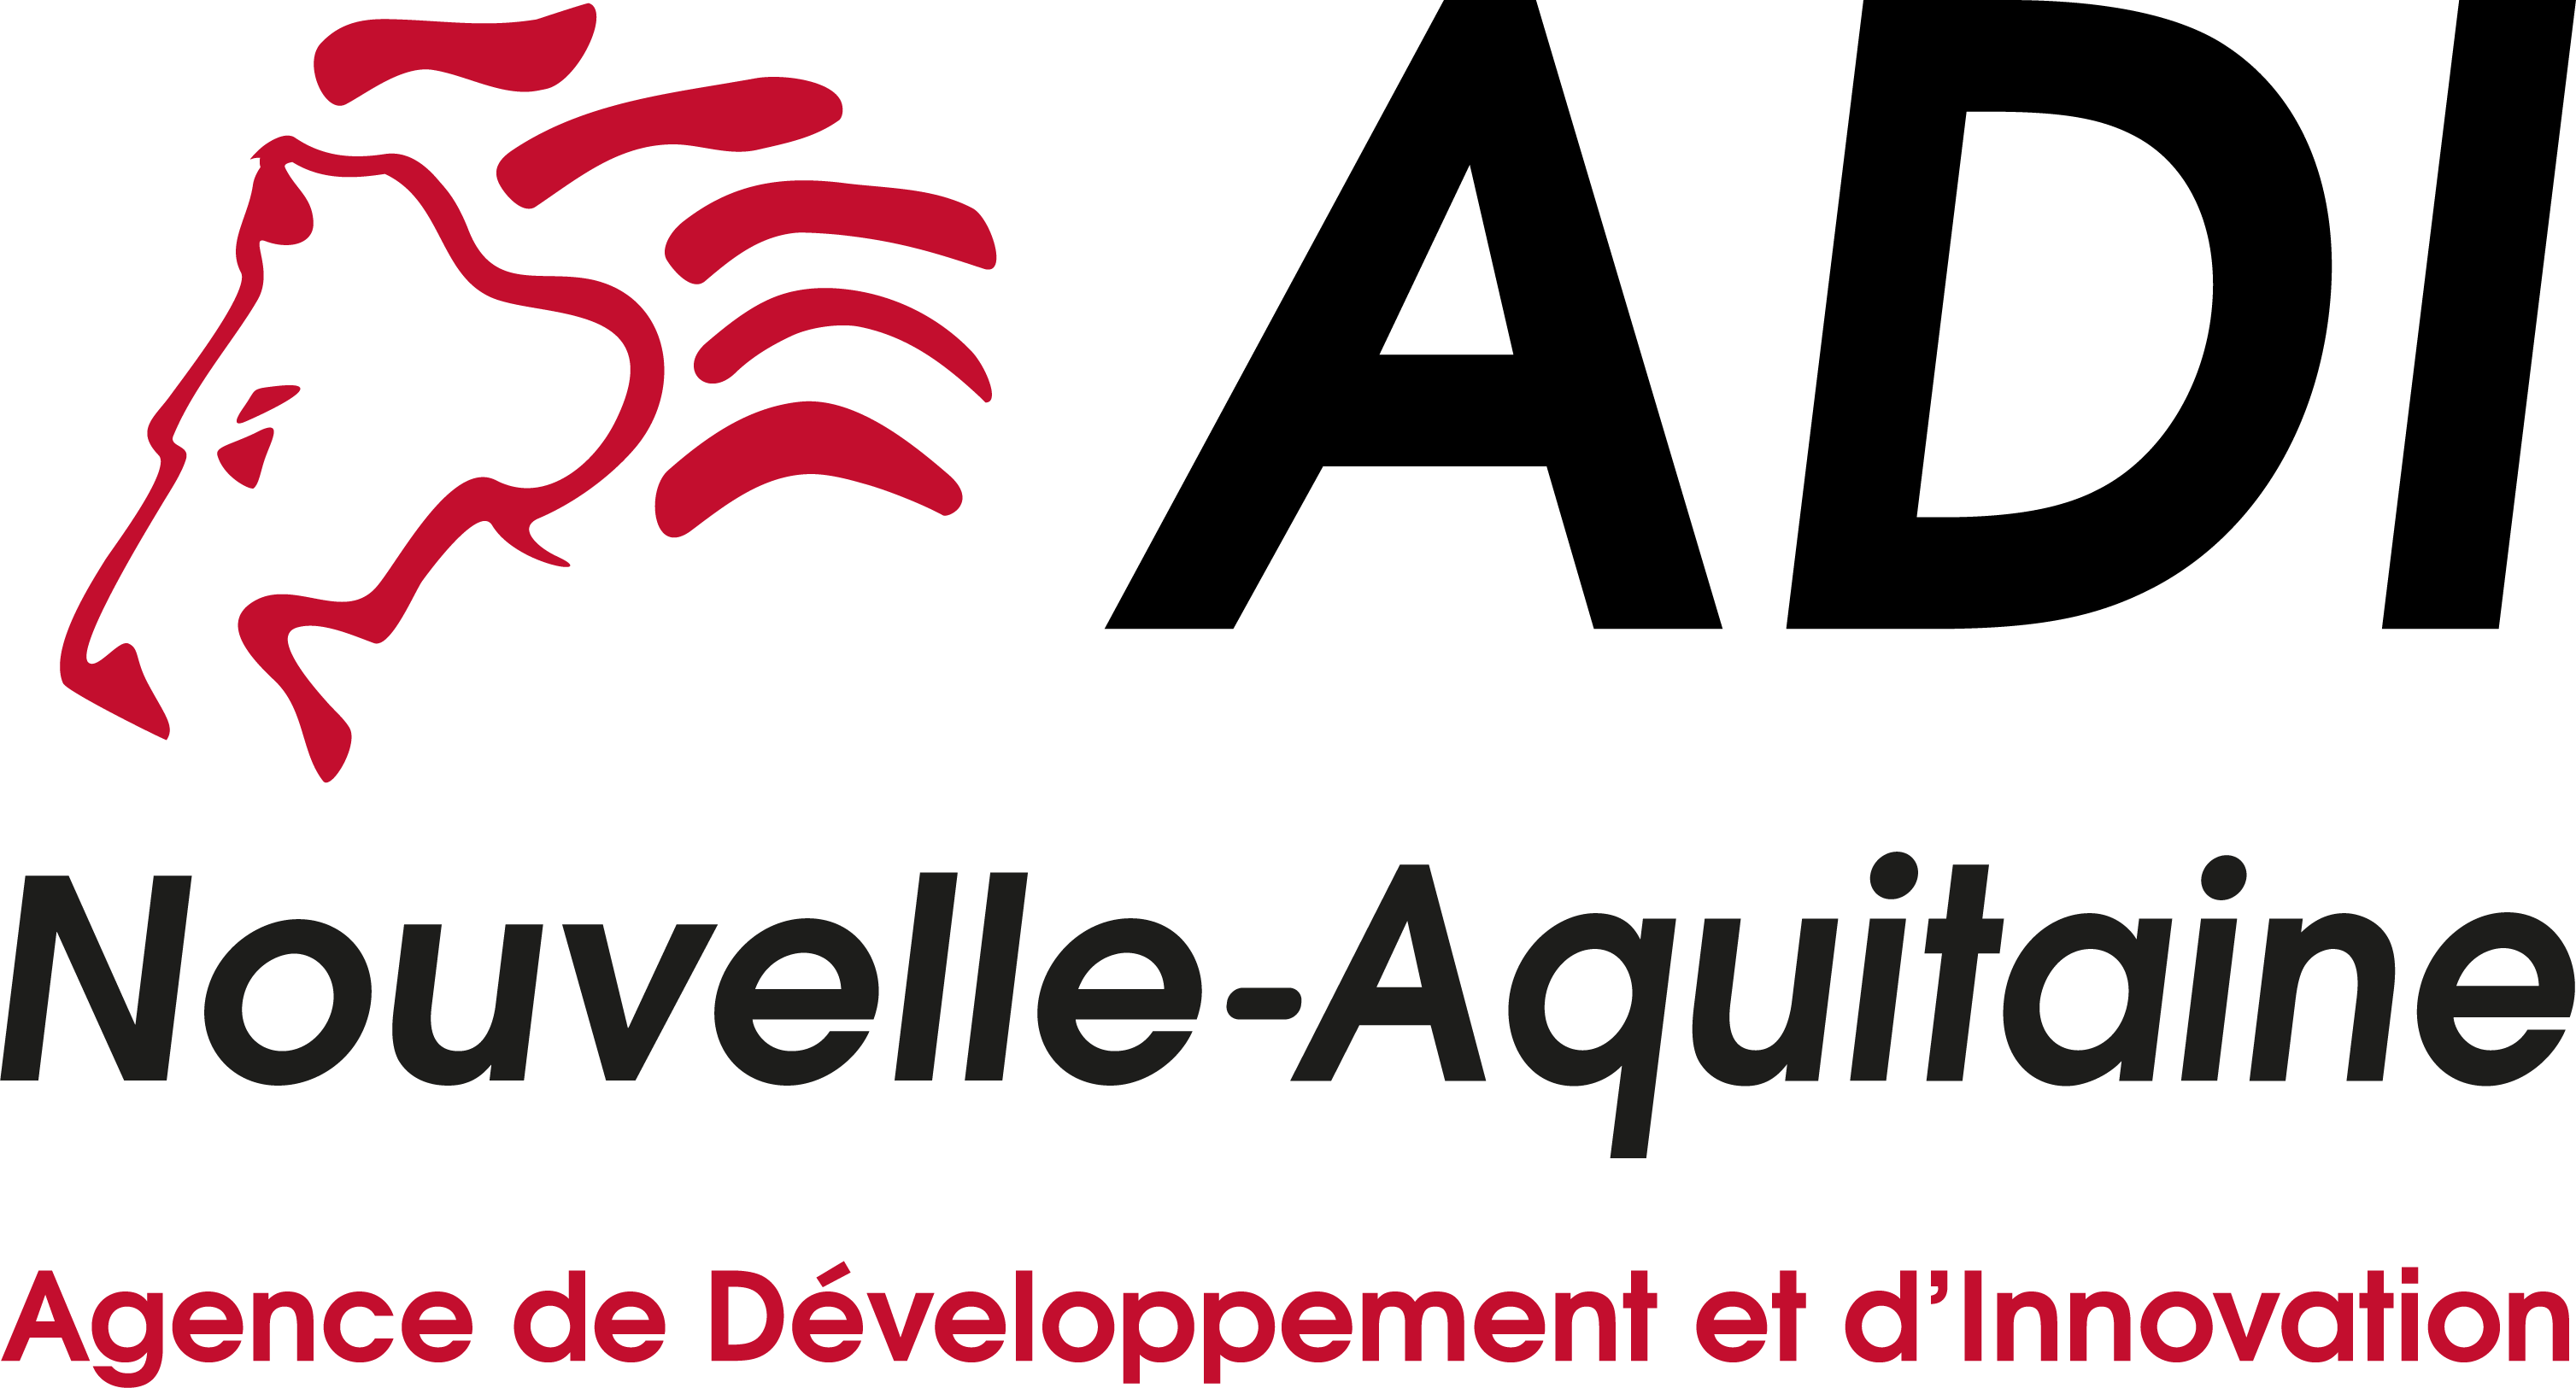 Agence de Développement et d'Innovation de la Nouvelle-Aquitaine